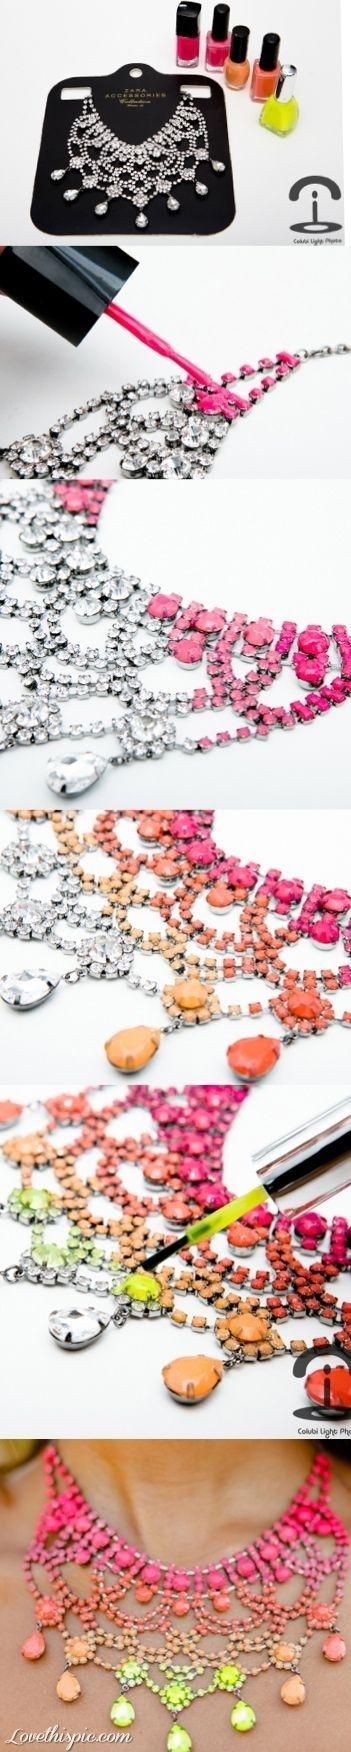 DIY Colored Necklace diy crafts craft ideas easy crafts diy ideas crafty easy diy diy jewelry diy necklace jewelry diy craft neckace